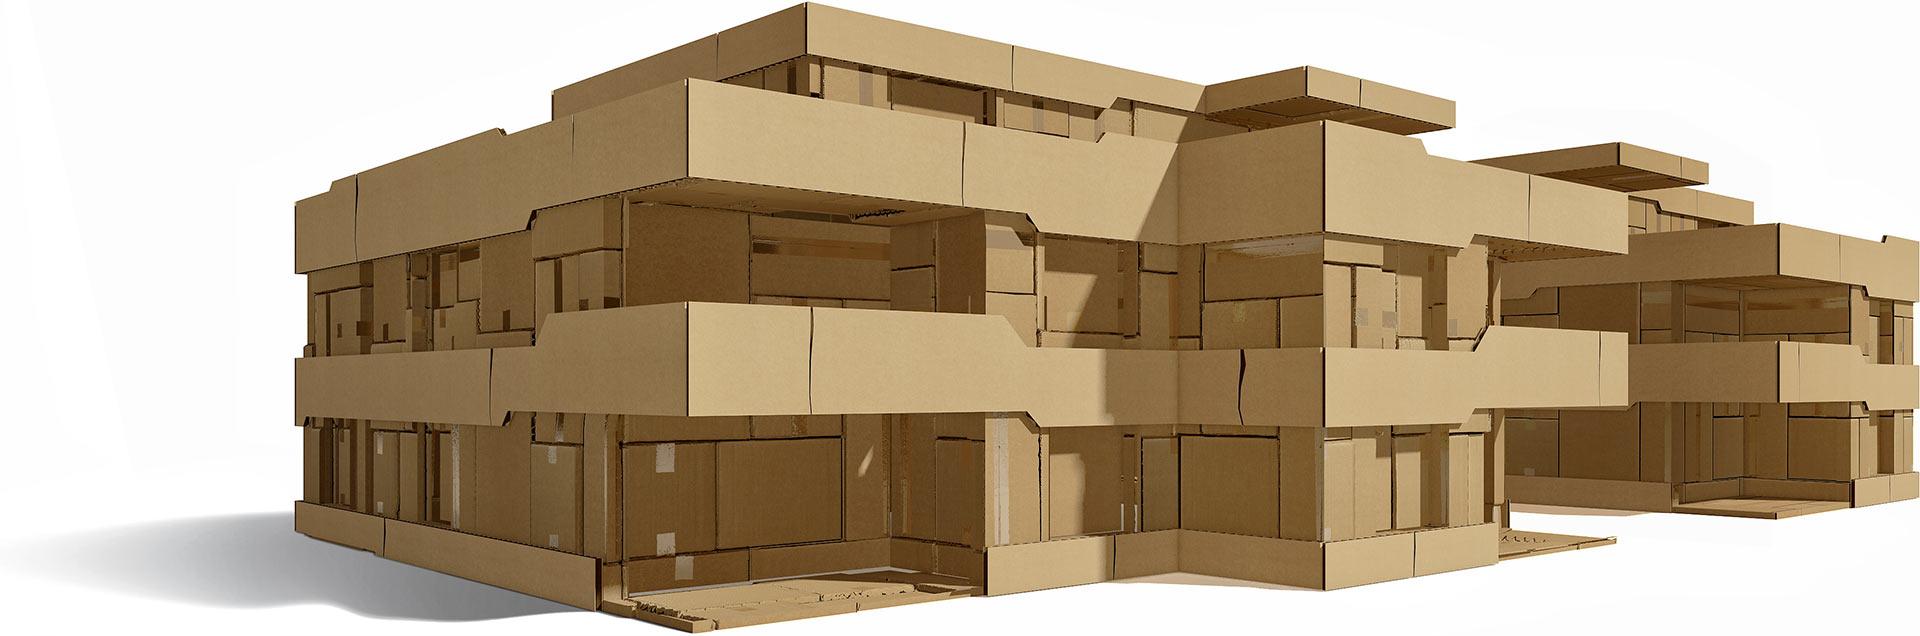 Unsere Architektur-Visualisierungen sind so lebensnah, wie das Original.